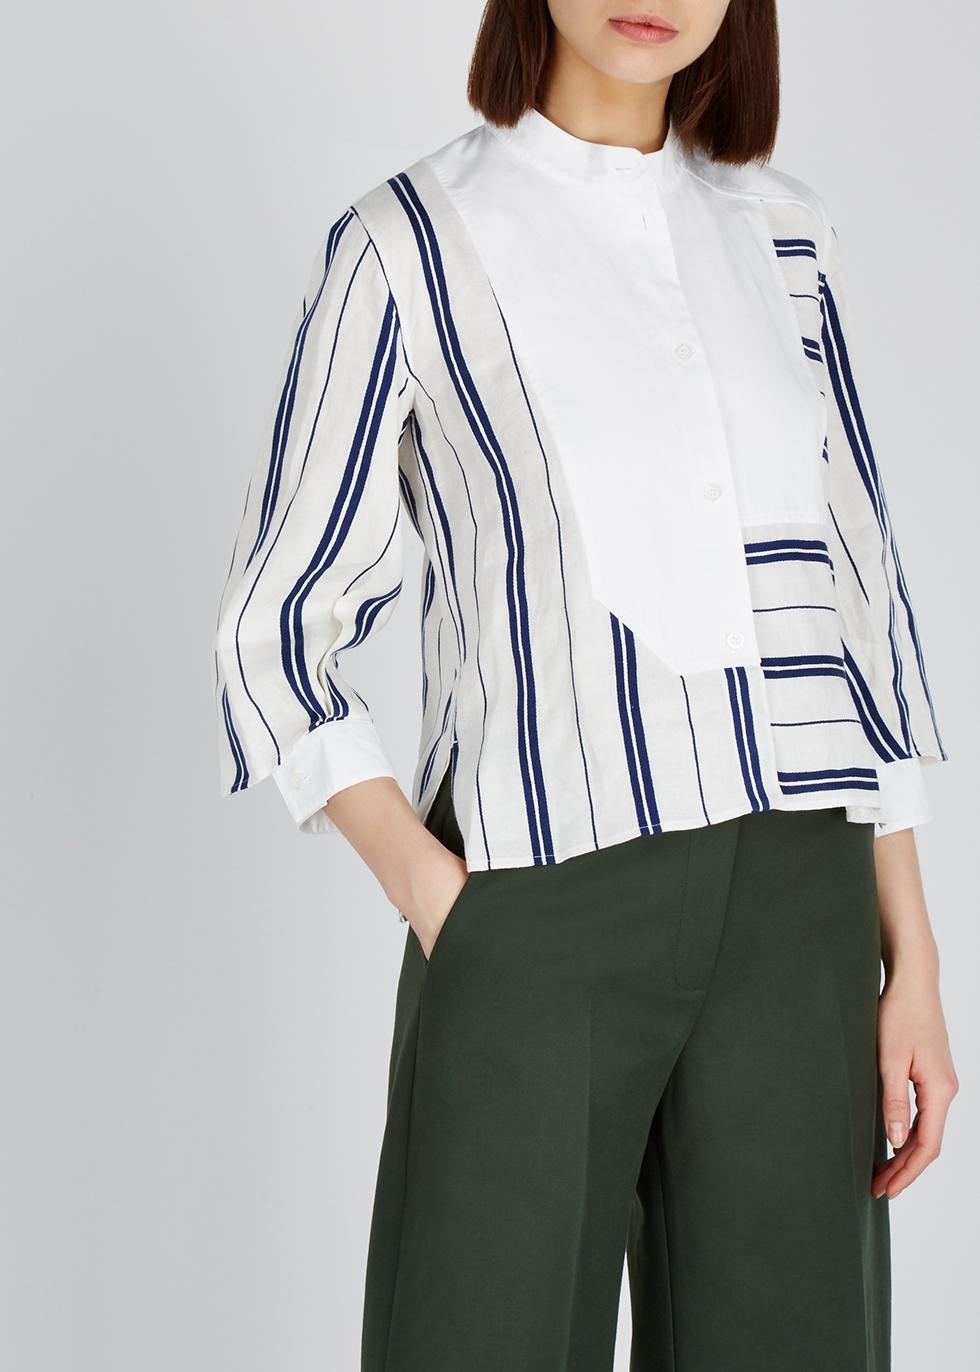 Striped linen-blend shirt - Loewe